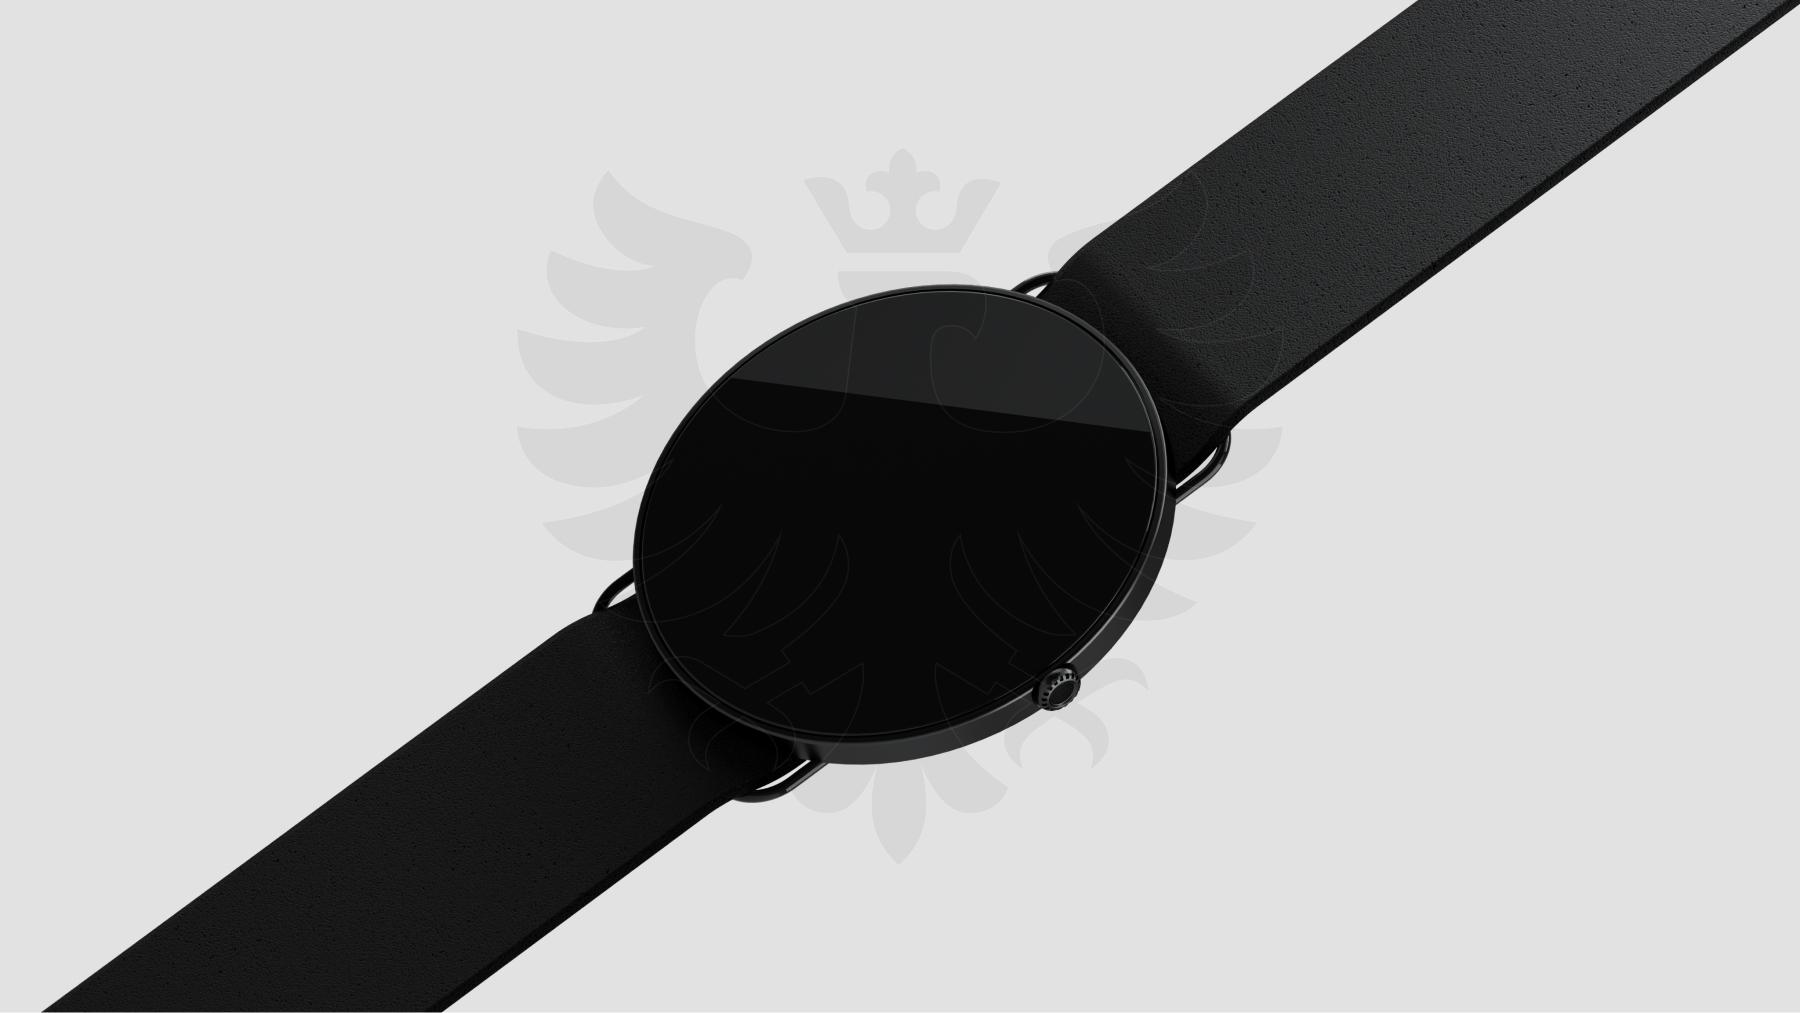 Essential-watch-02-Supply-White